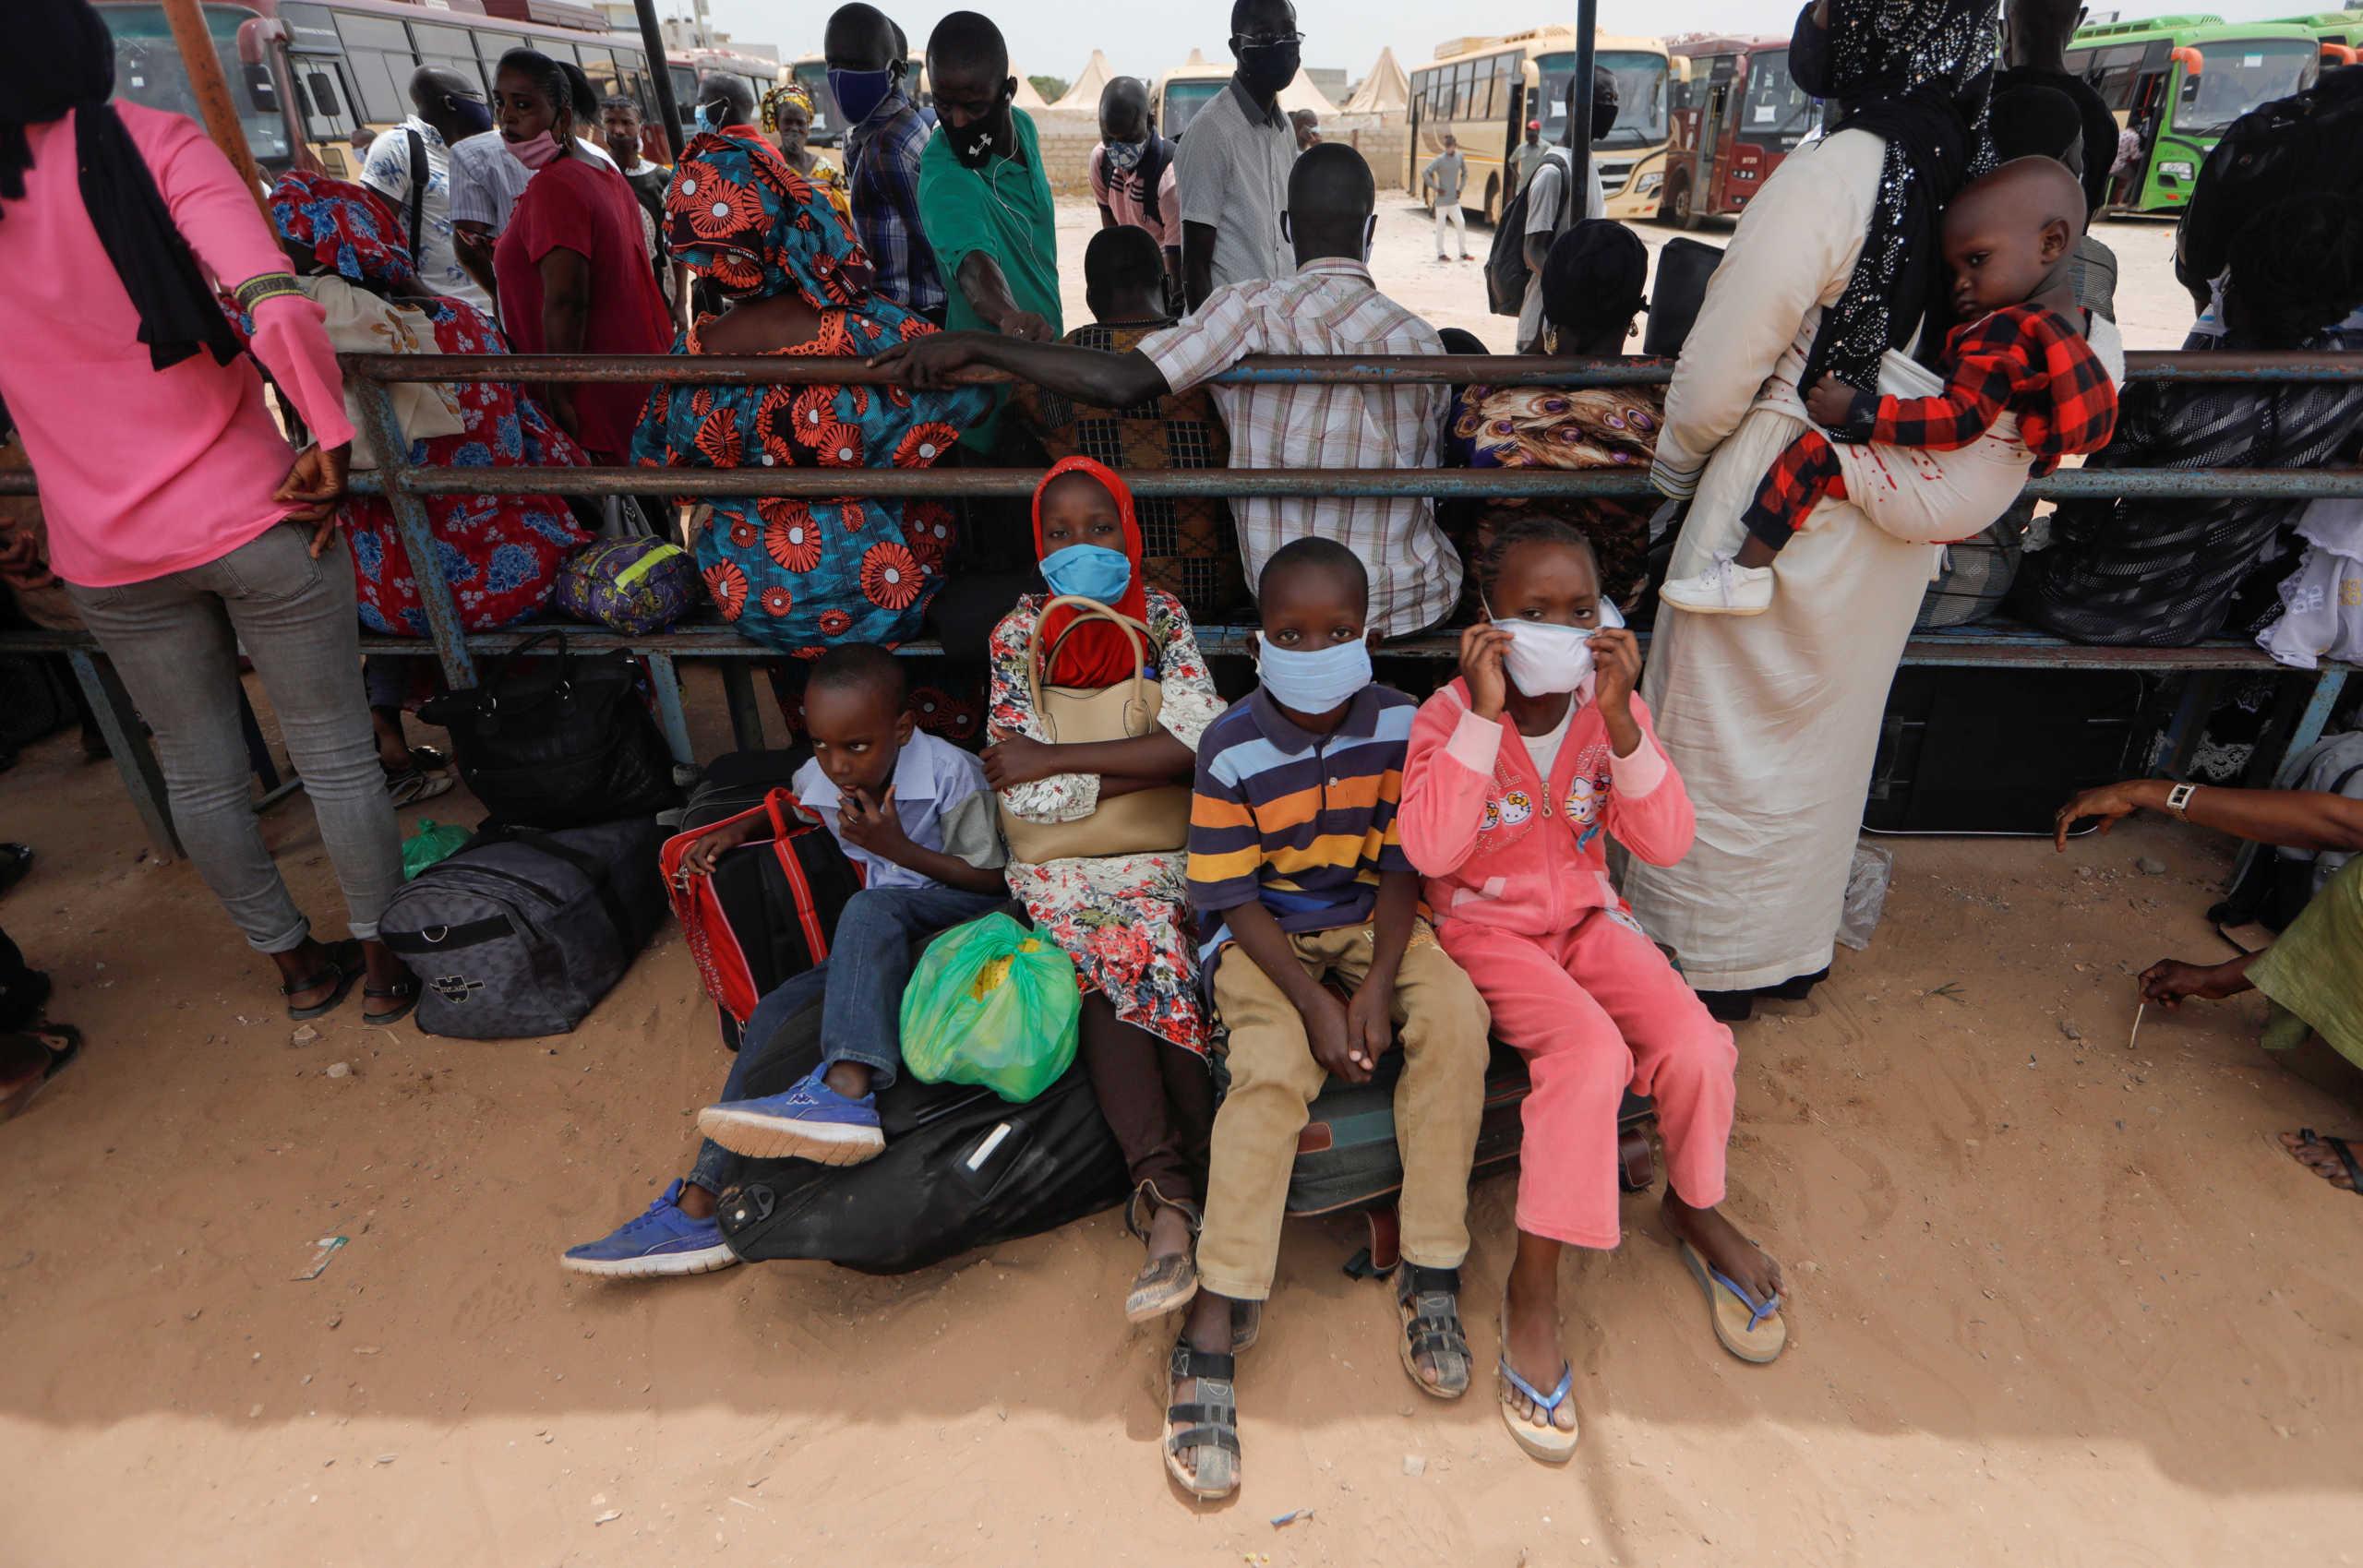 Άλλα 86 εκατ. παιδιά απειλούνται από τη φτώχεια λόγω κορονοϊού